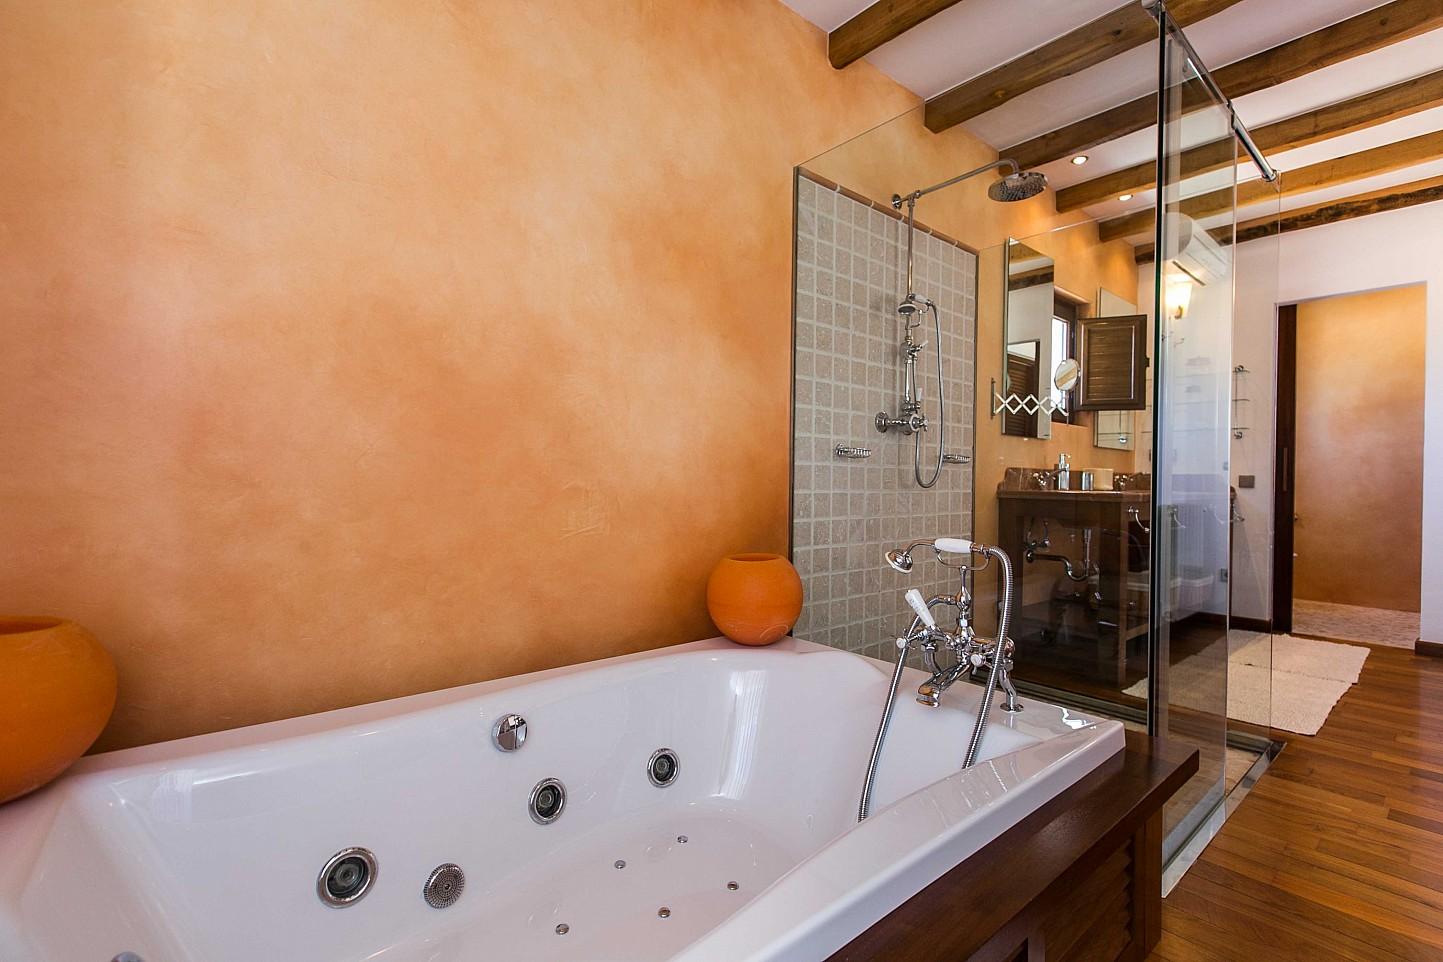 Sensacional bañera con hidromasaje, plato de ducha en sensacional casa en alquiler situada en Ibiza